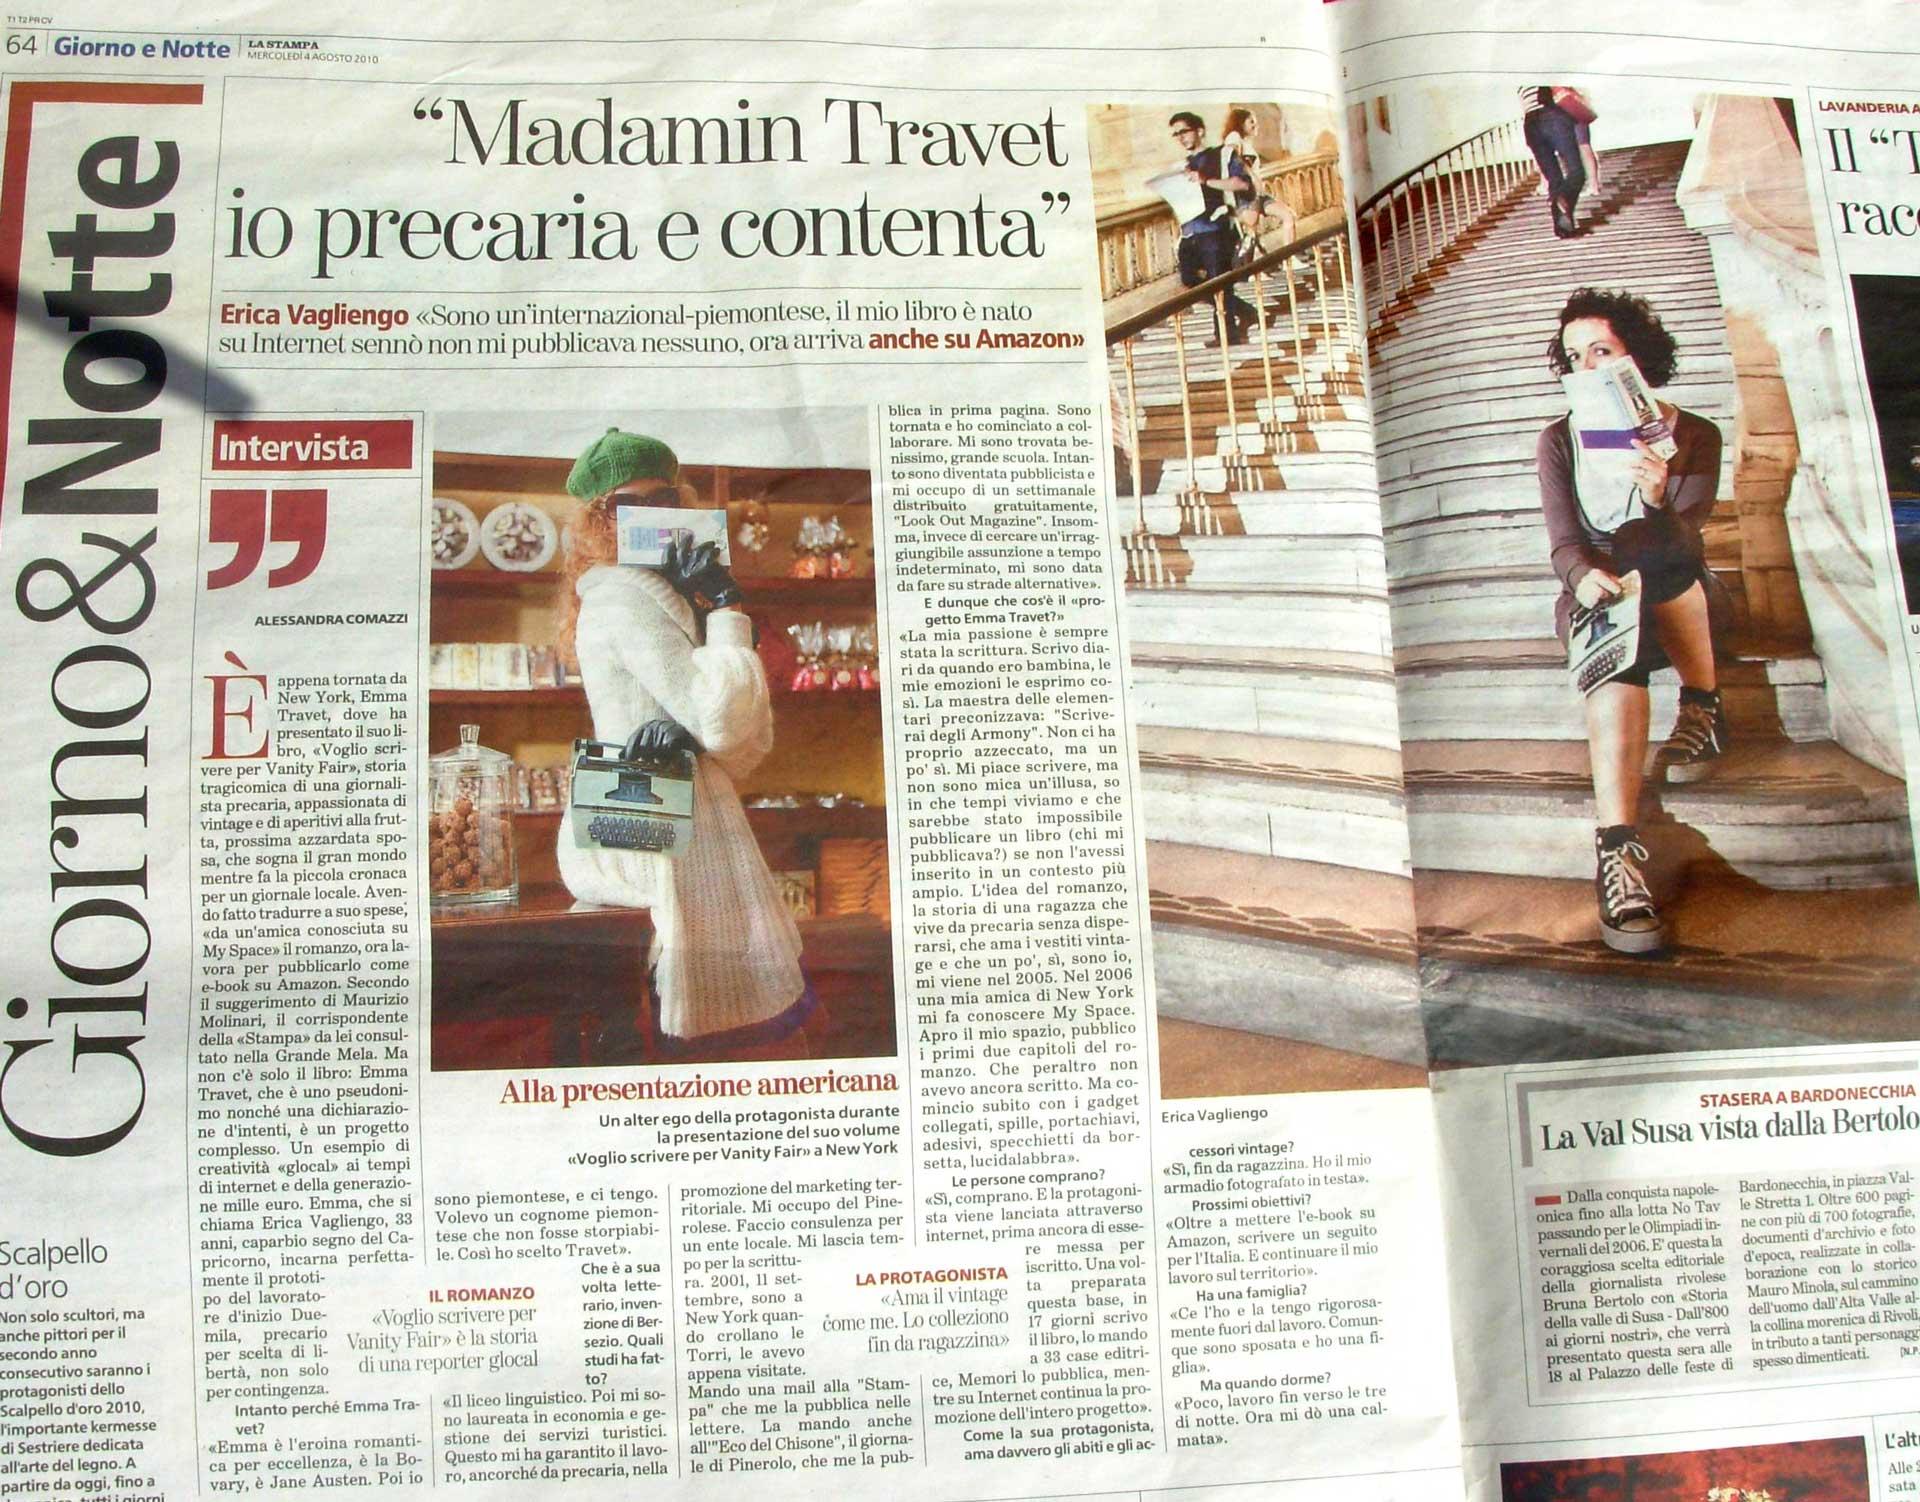 La Stampa, 2010 Intervista di Alessandra Comazz